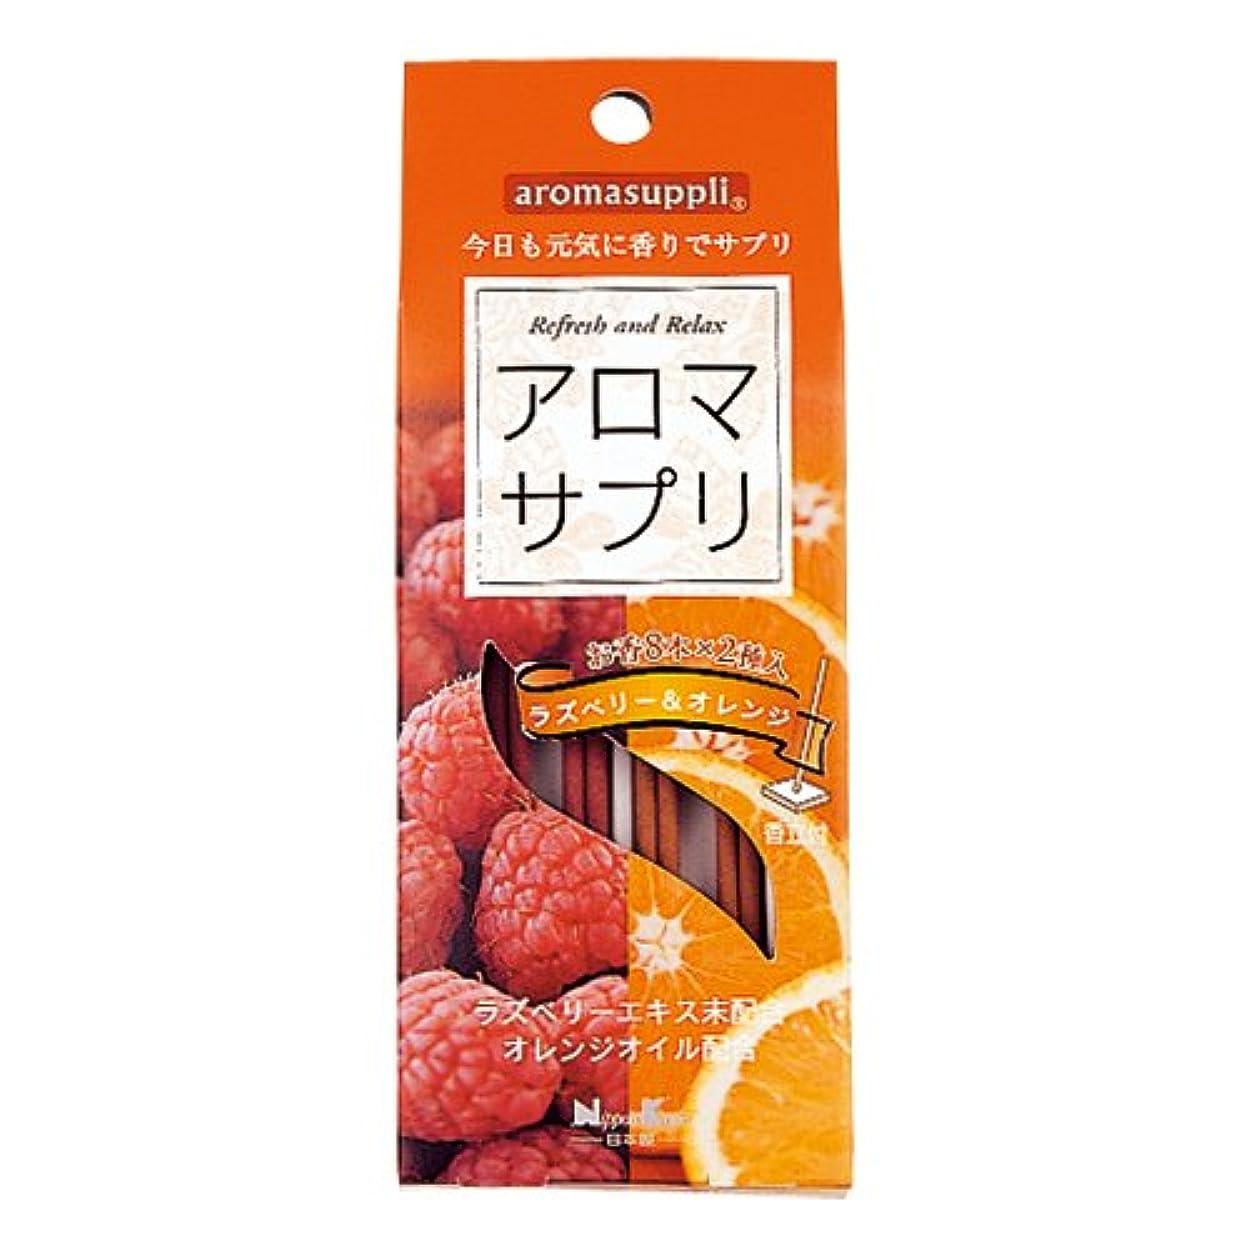 緩めるイル大洪水【X10個セット】 アロマサプリ ラズベリー&オレンジ 8本入×2種